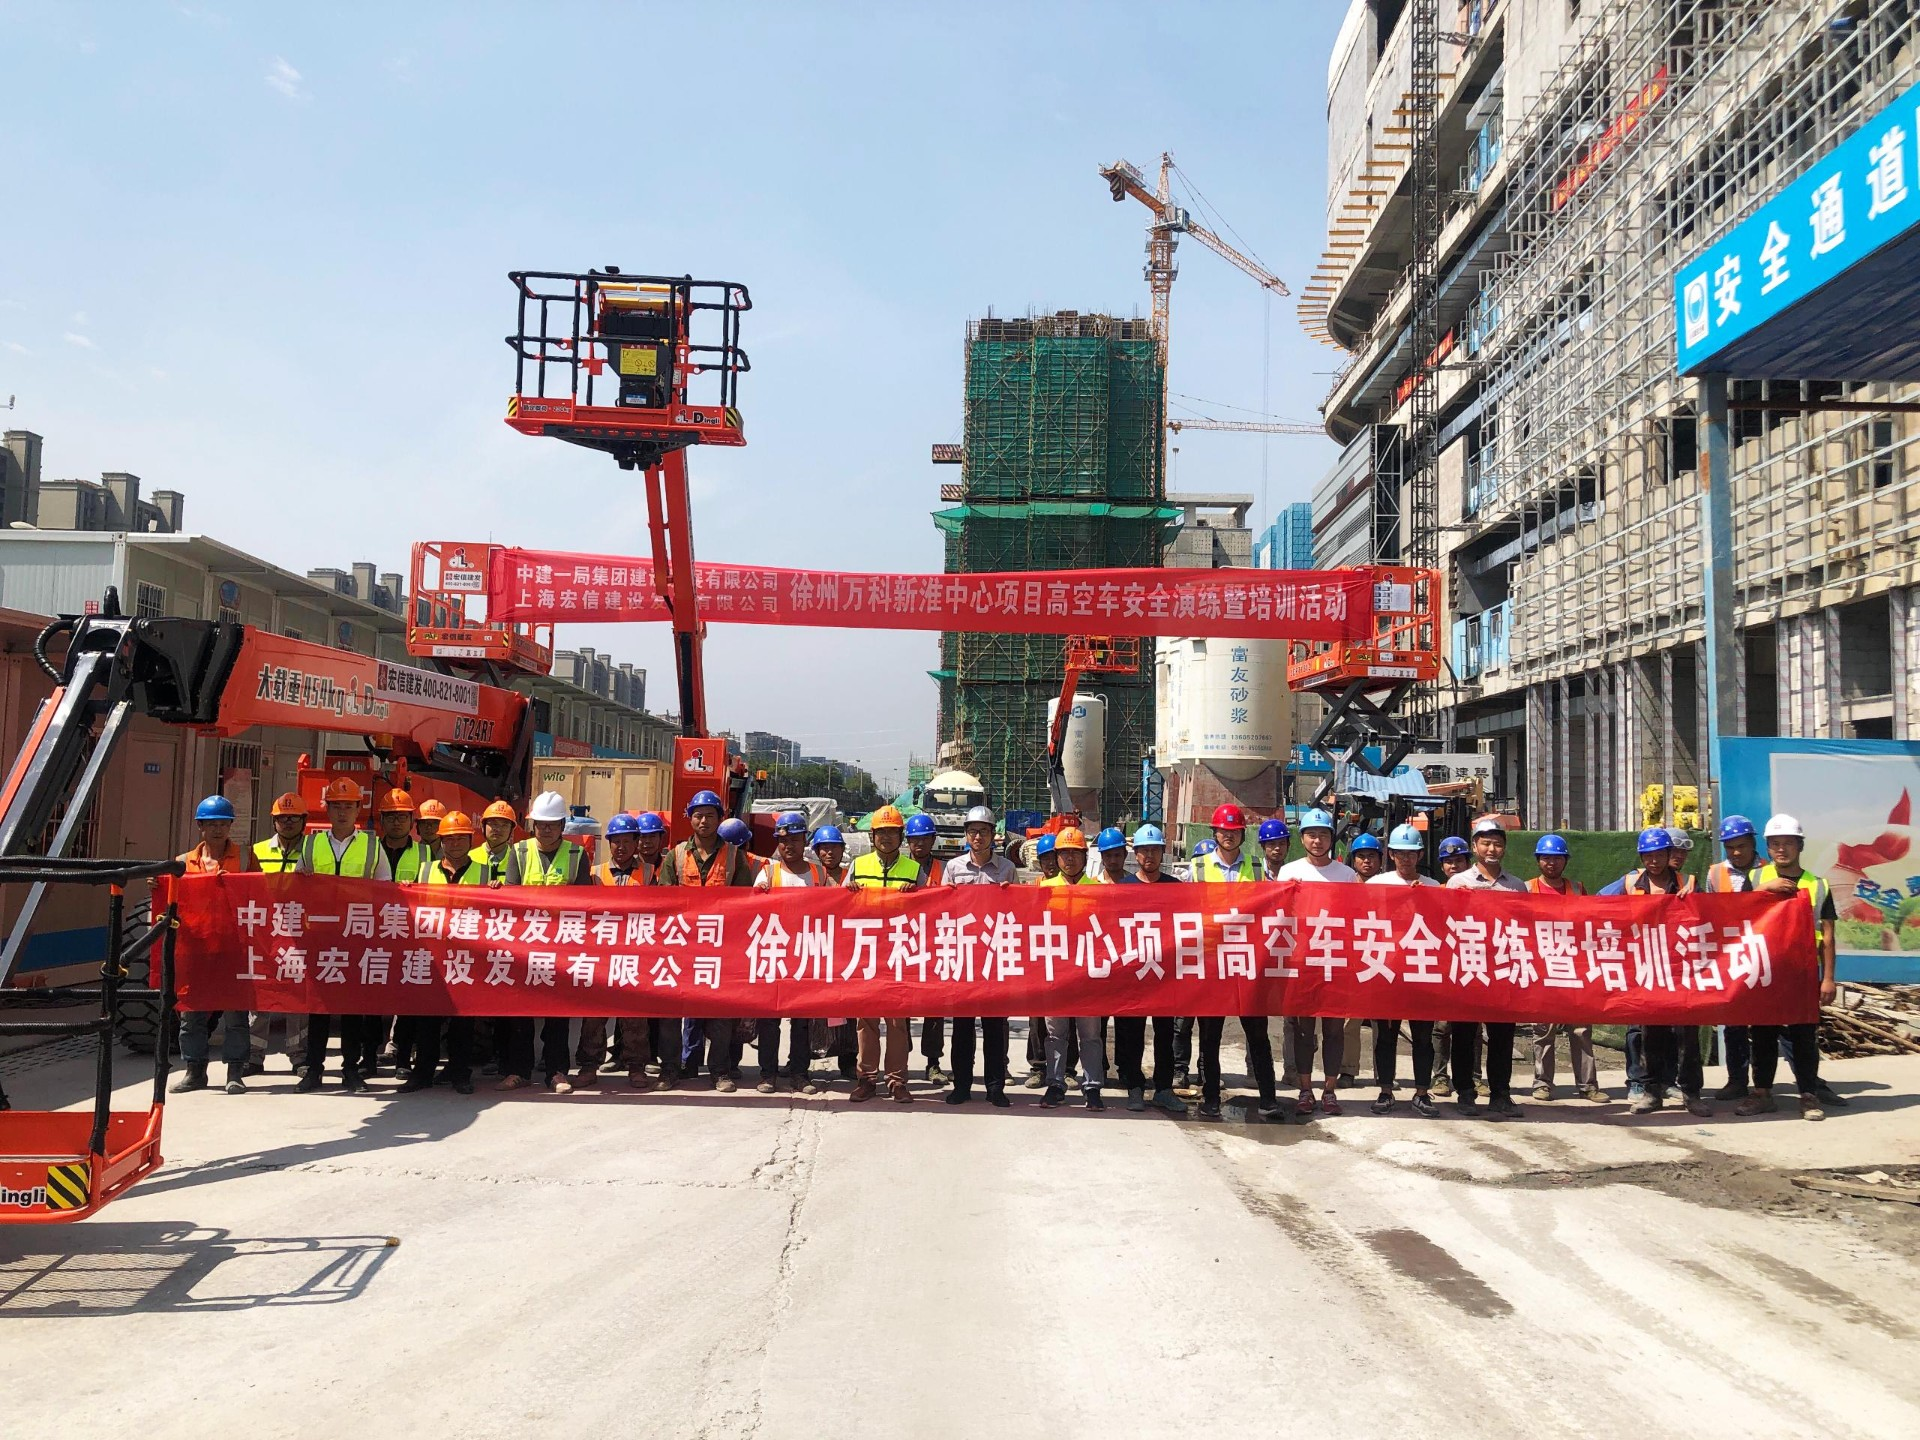 隆盛镇高空作业平台租赁14米 剪刀车升降机厂家出租费用202